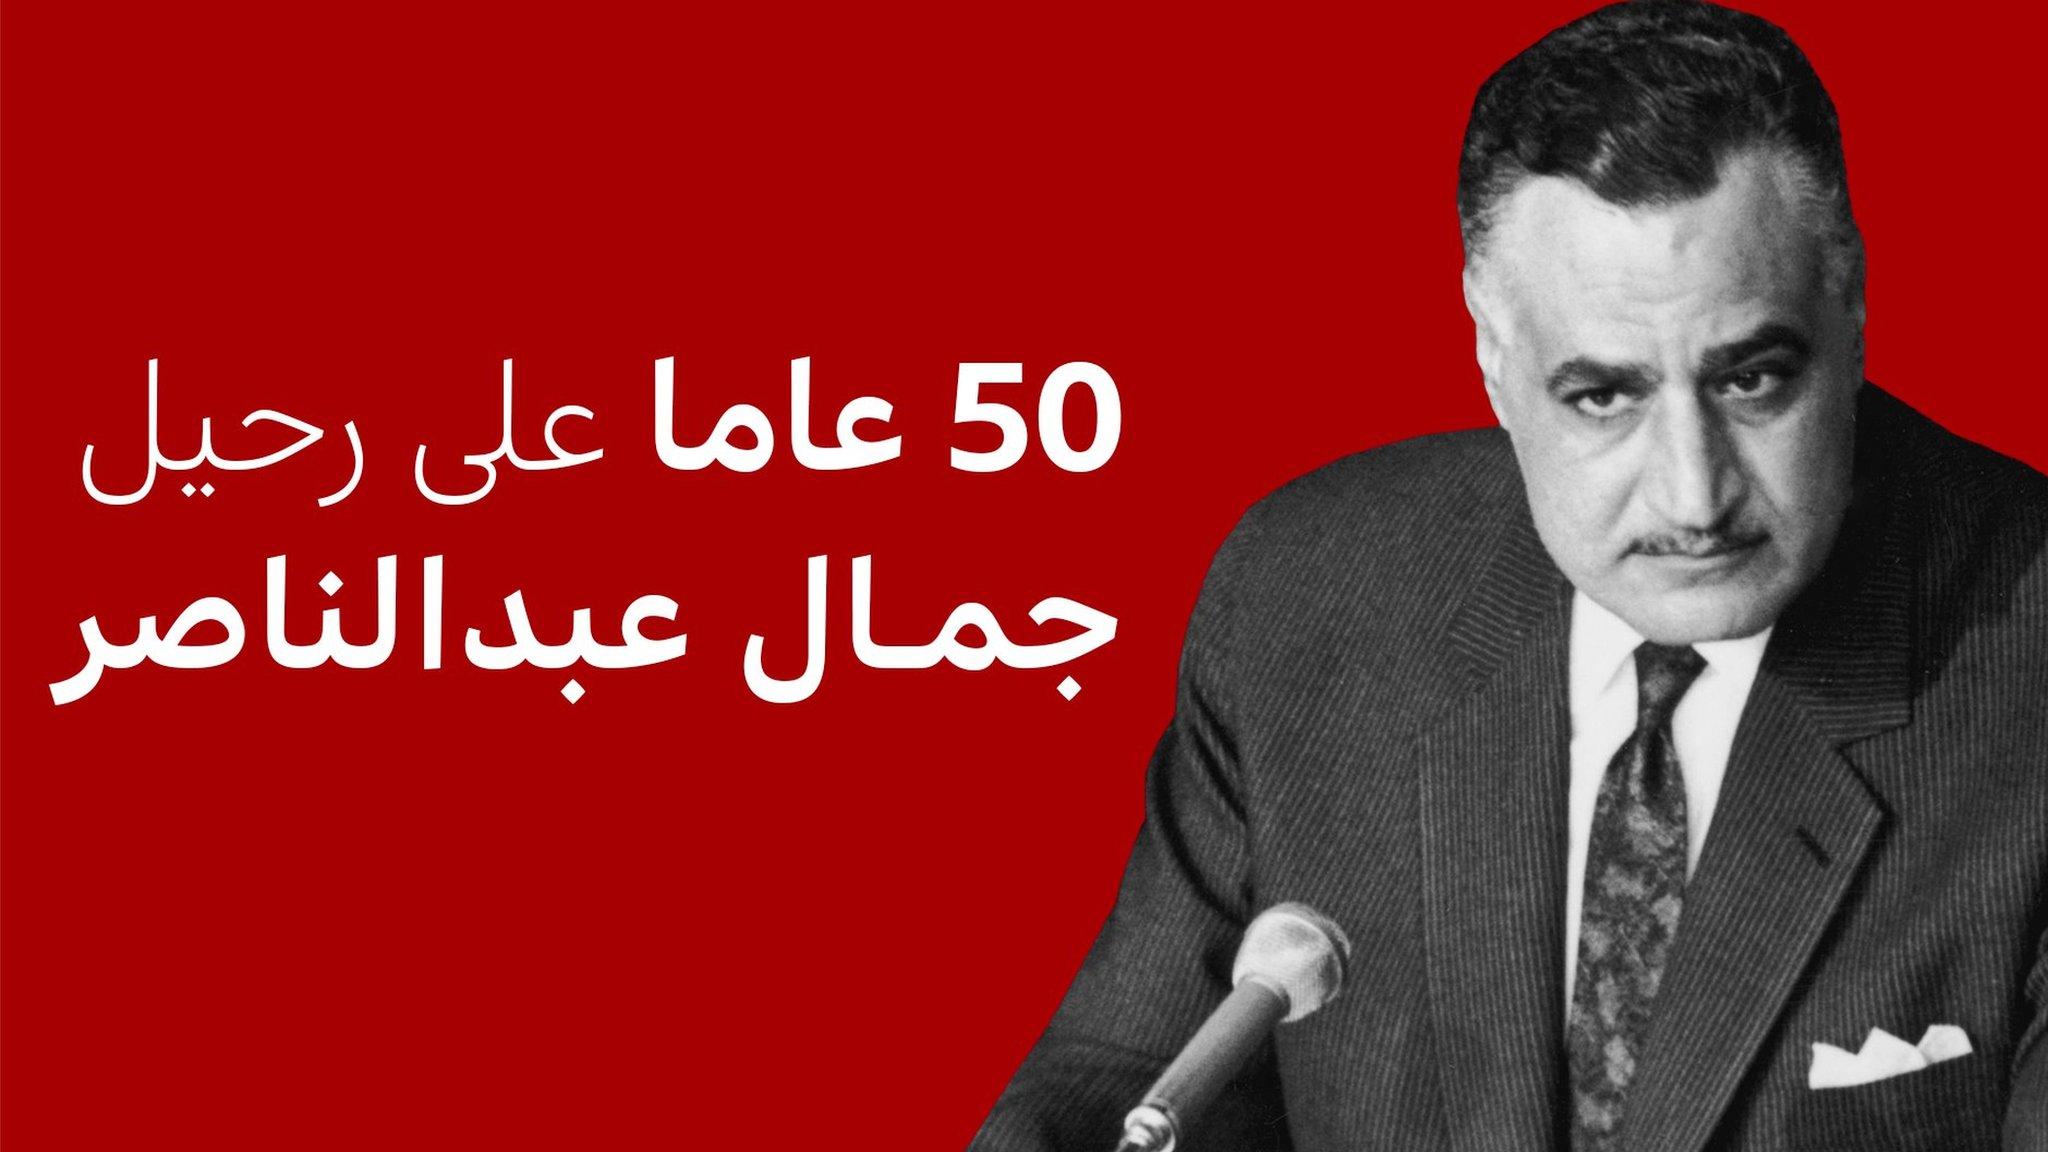 تولى عبدالناصر رئاسة الوزراء ما بين عامي 1954 و1956 ثم أصبح رئيسا وظل في موقعه حتى وفاته في 28 أيلول/سبتمبر 1970